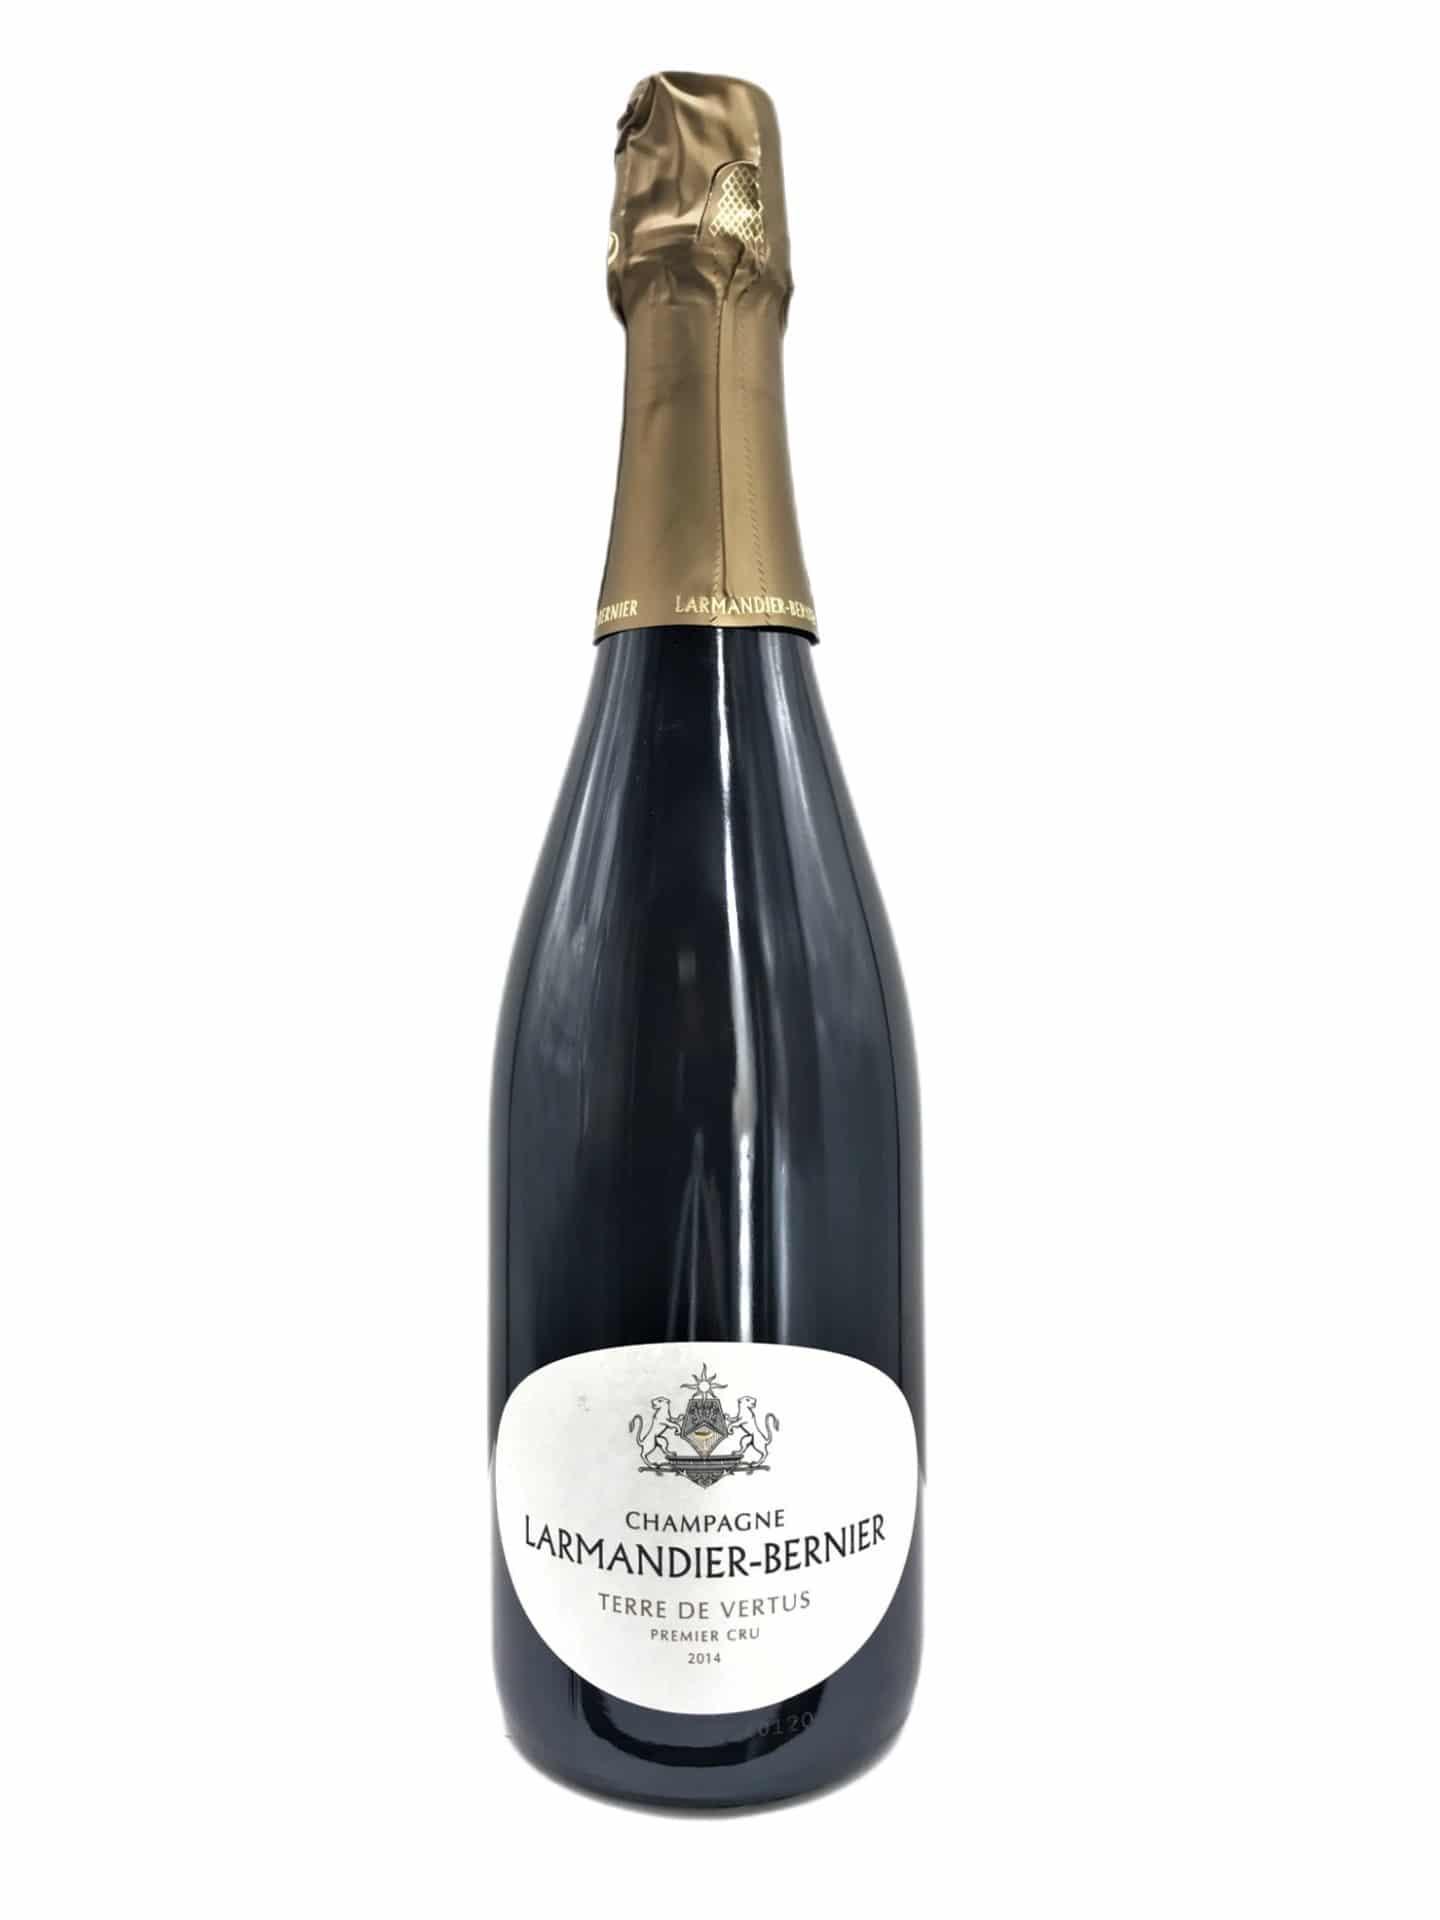 Champagne Larmandier Bernier Terre de Vertus